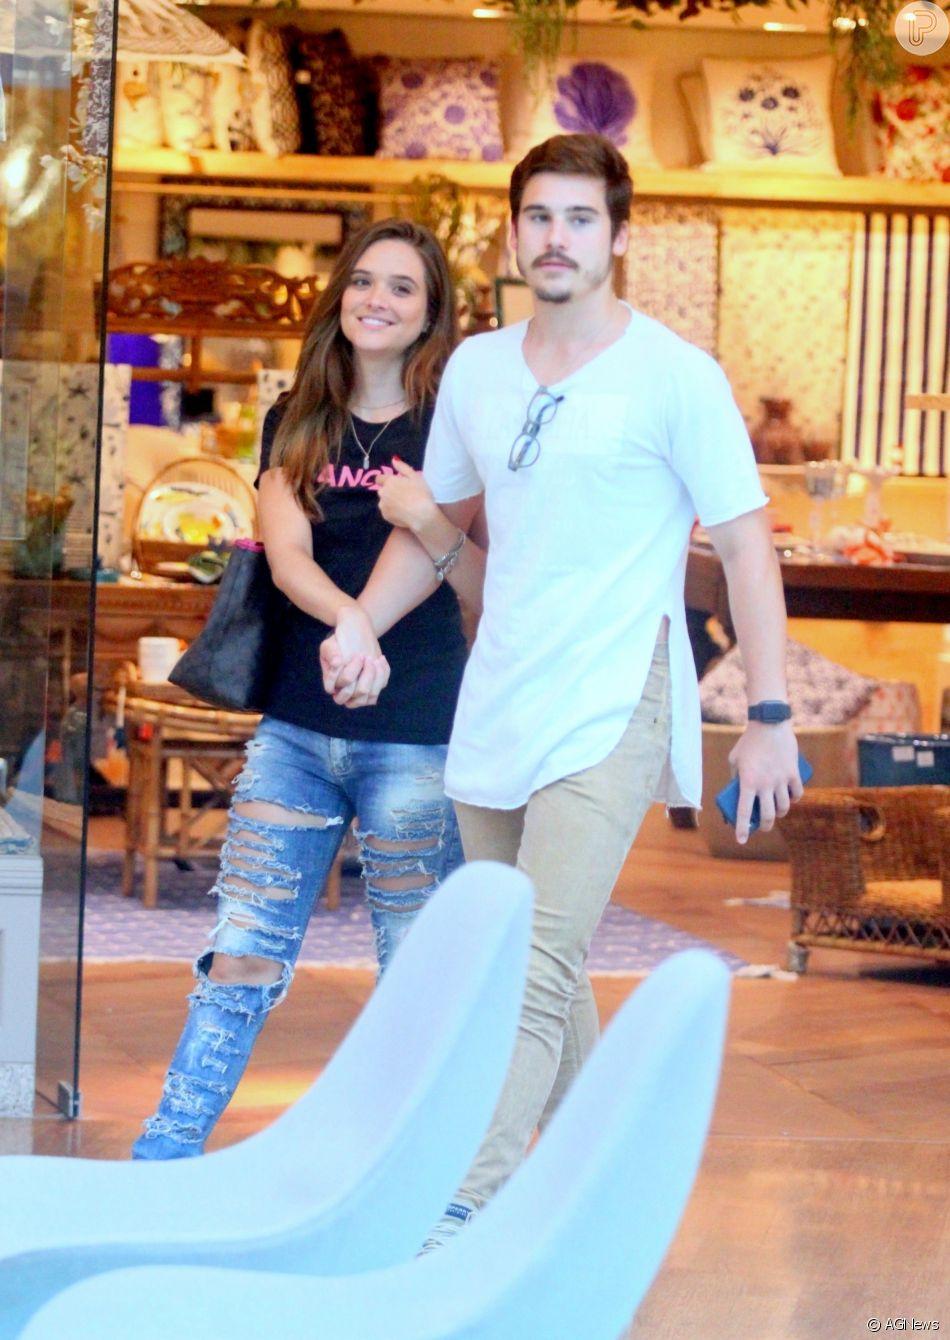 Juliana Paiva e o namorado, Nicolas Prattes, curtem passeio pelo Village Mall, na Barra da Tijuca, zona oeste do Rio de Janeiro, neste sábado, 23 de fevereiro de 2019